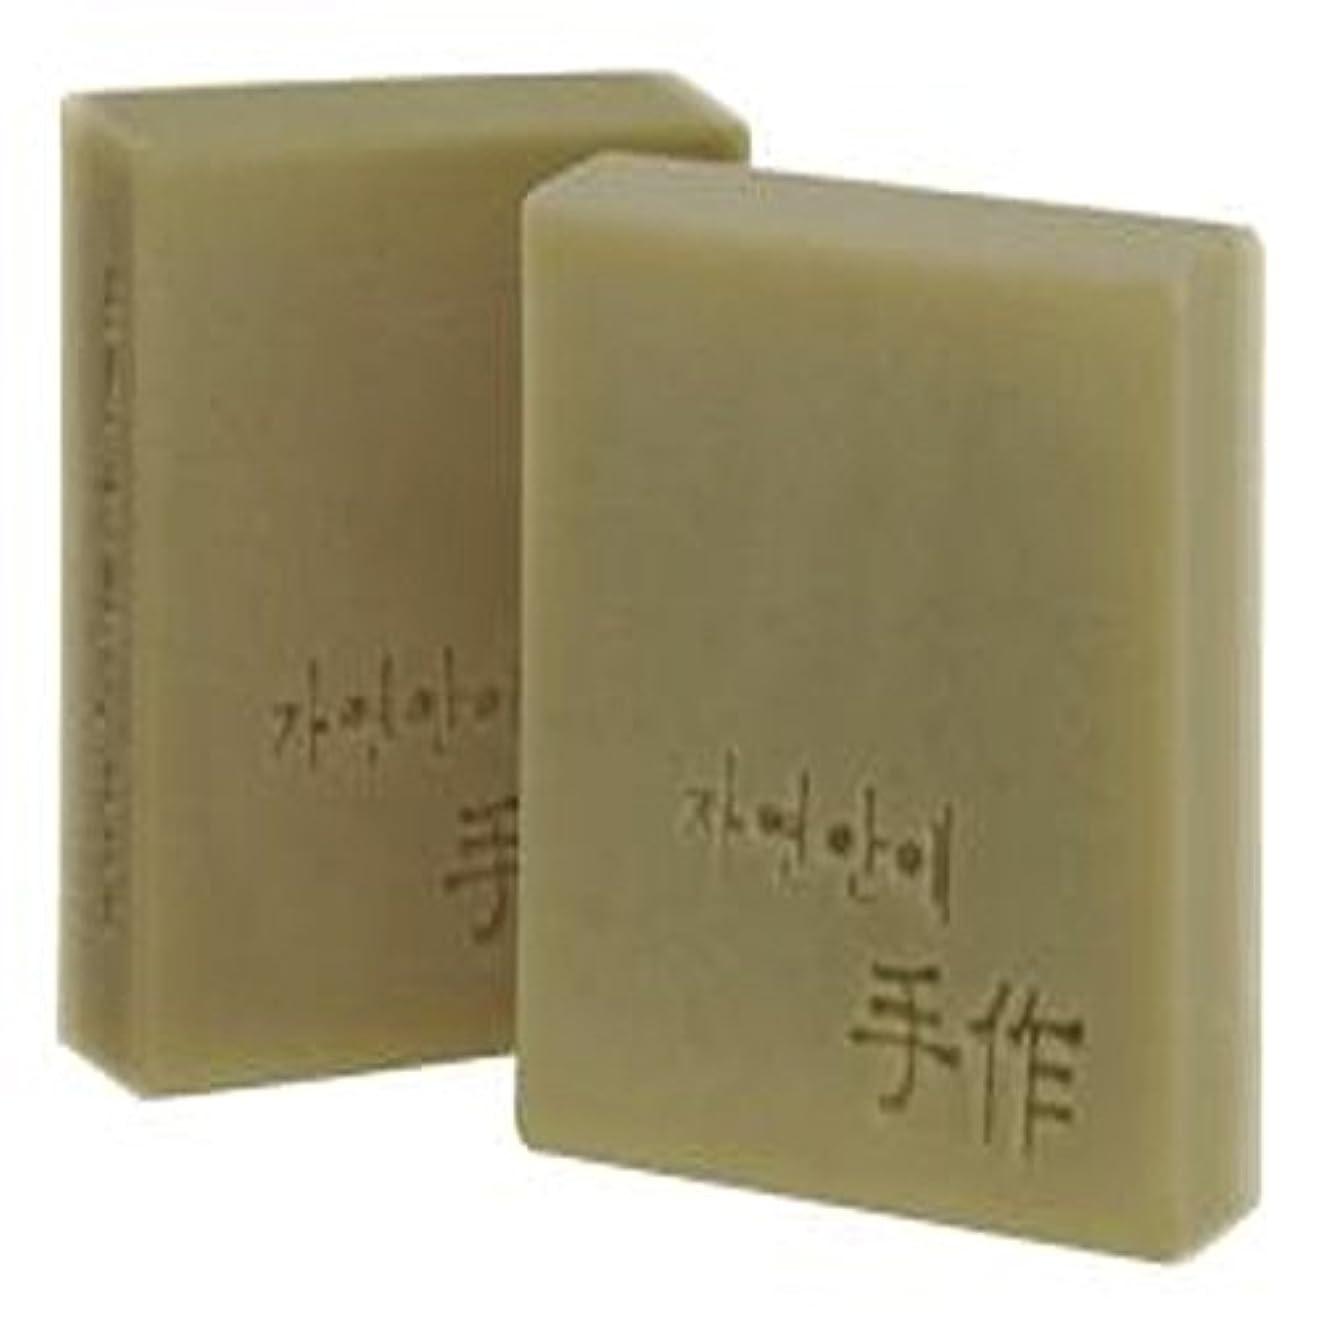 くちばしリダクターためらうNatural organic 有機天然ソープ 固形 無添加 洗顔せっけんクレンジング 石鹸 [並行輸入品] (アプリコット)